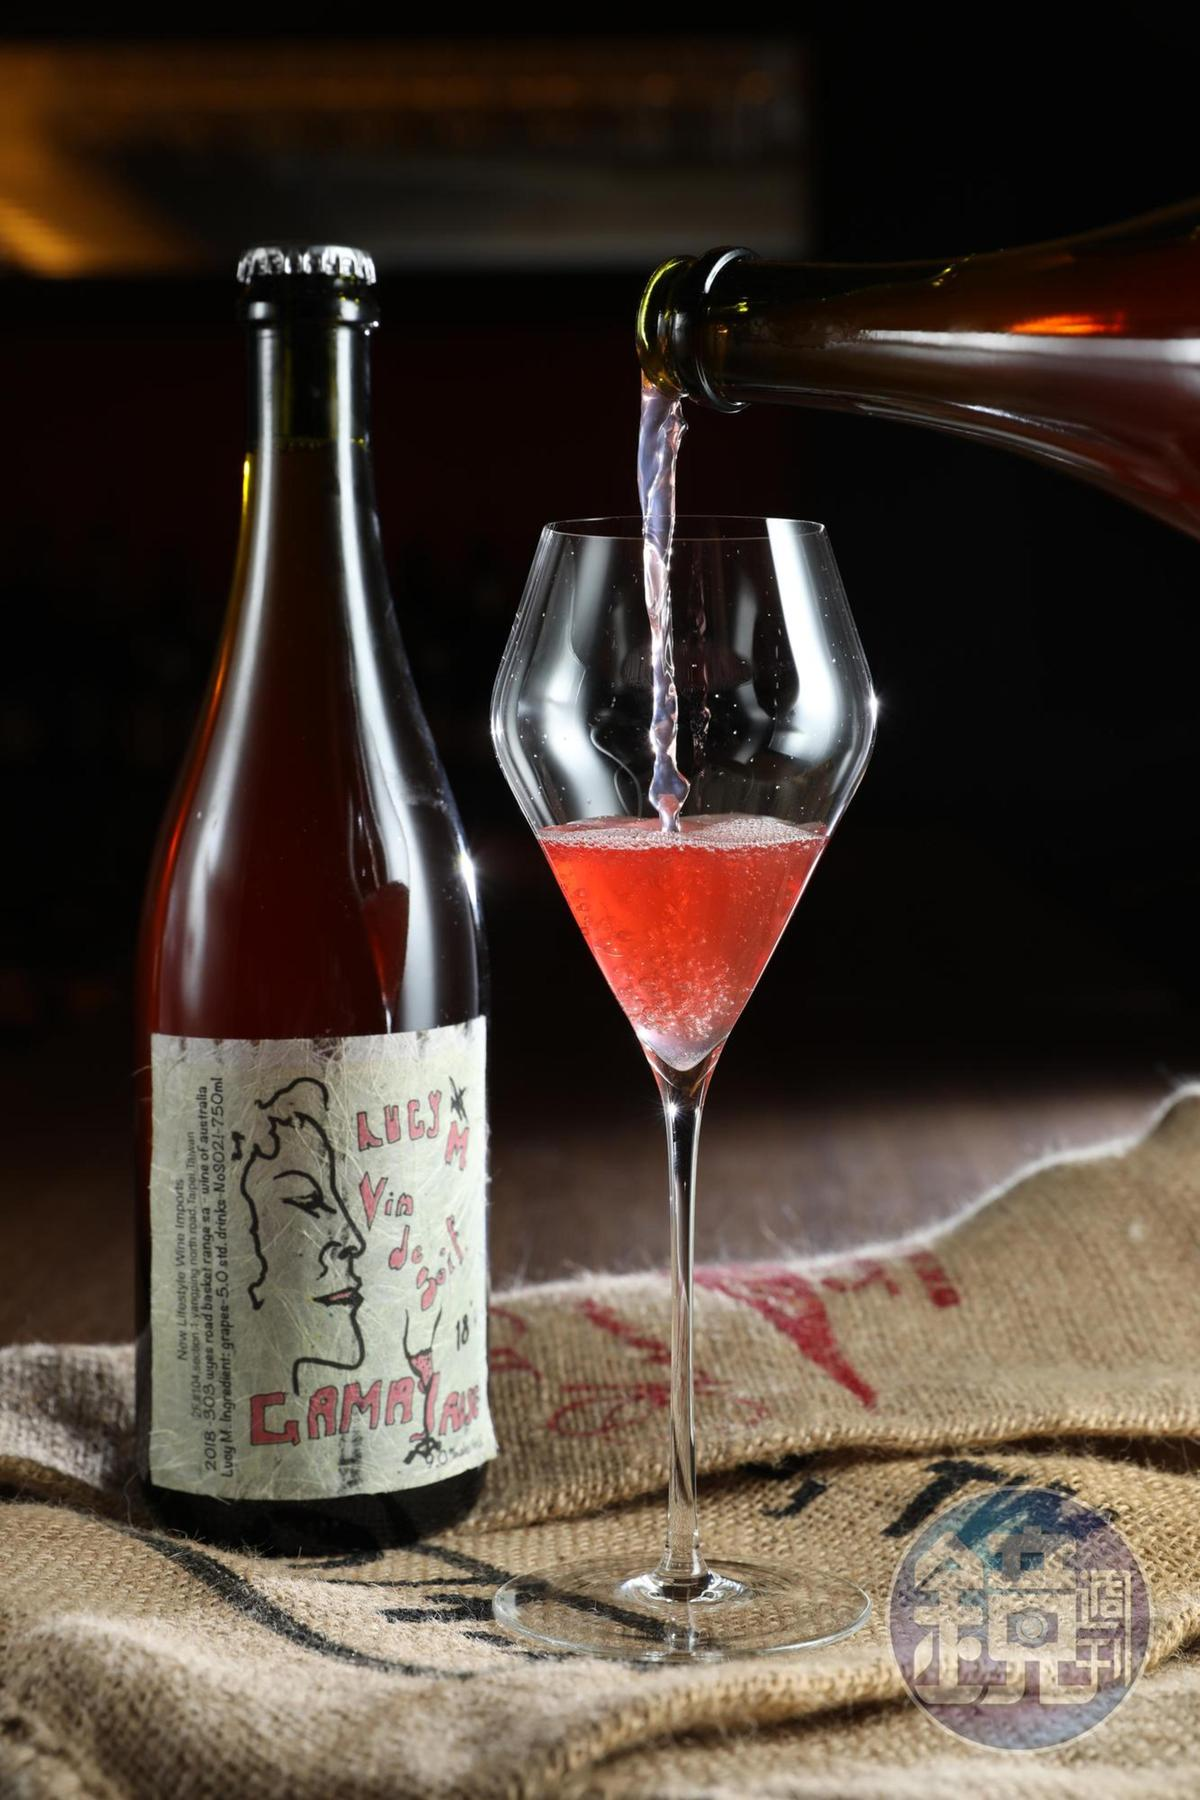 從酒標就洋溢著時髦感的「Lucy Margaux, Vin de Soif Gamay 2018」,酒色呈現深橘到粉紅色,香氣明顯,喝來像是帶酒精感的氣泡西瓜汁,解渴清爽,放置一下甜味更明顯。(新生活,1,200元/瓶)